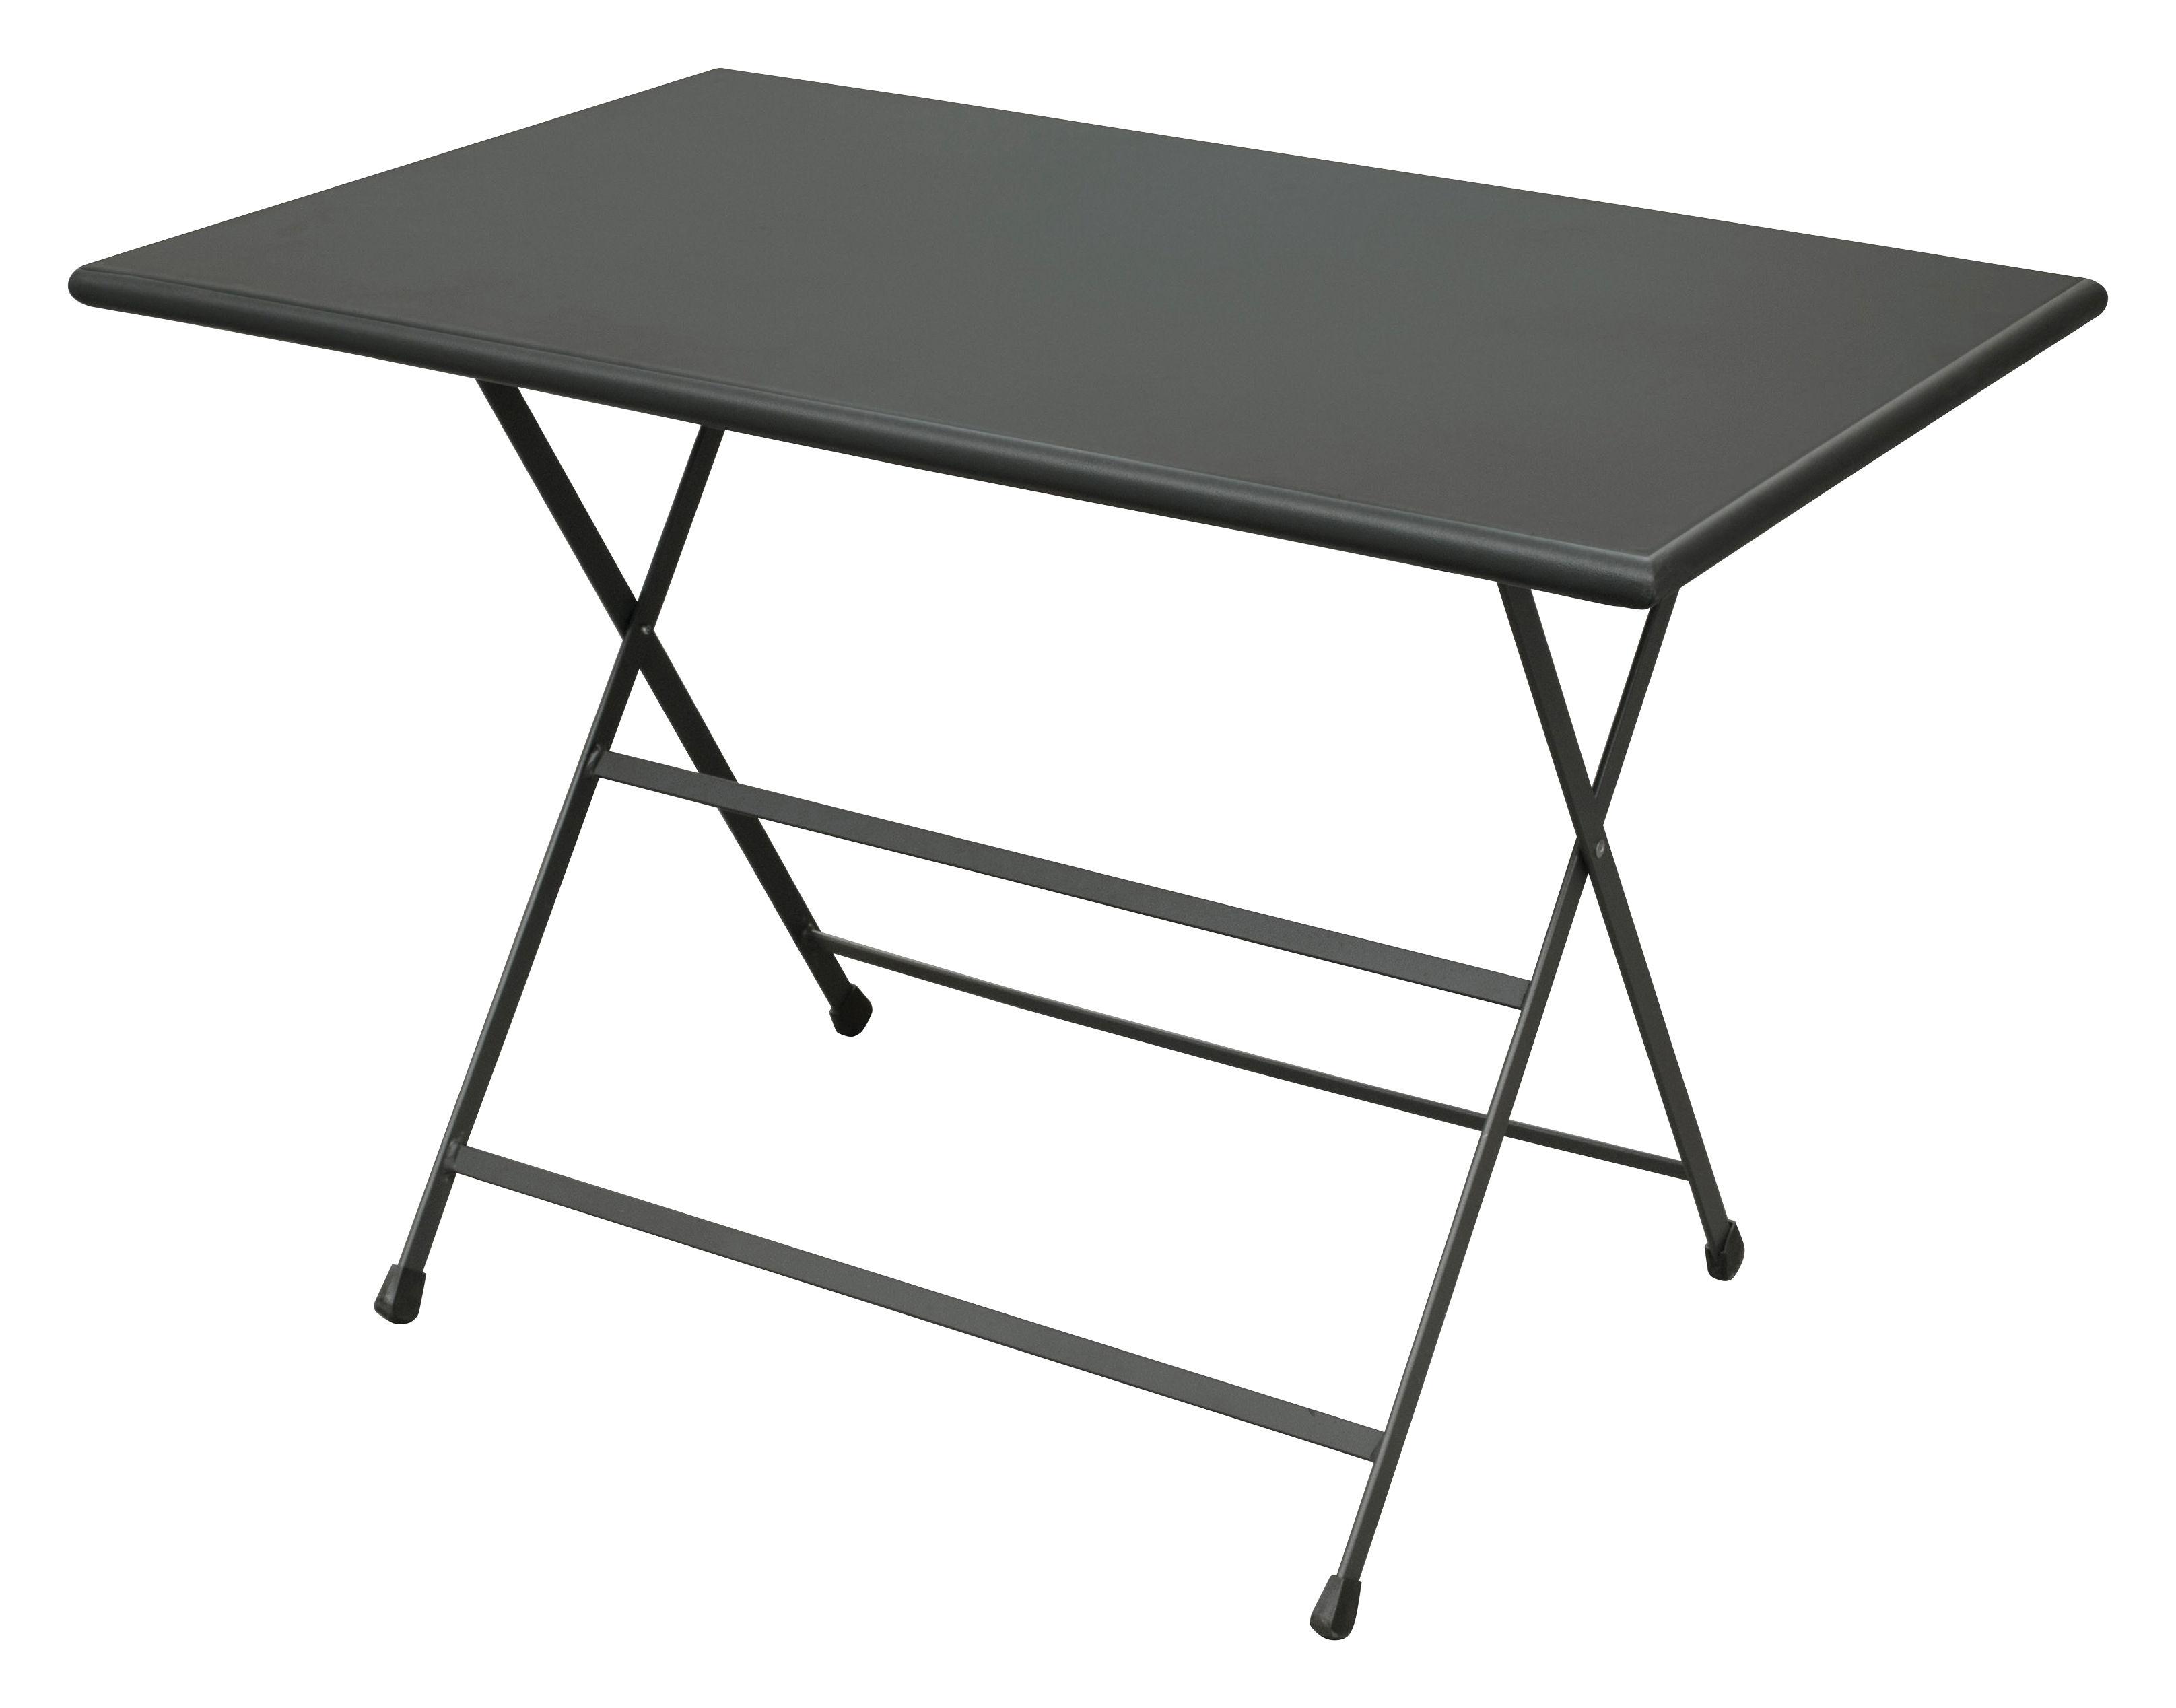 Outdoor - Tische - Arc en Ciel Klapptisch 110 x 70 cm - zusammenklappbar - Emu - Eisen (dunkel) - klarlackbeschichteter rostfreier Stahl